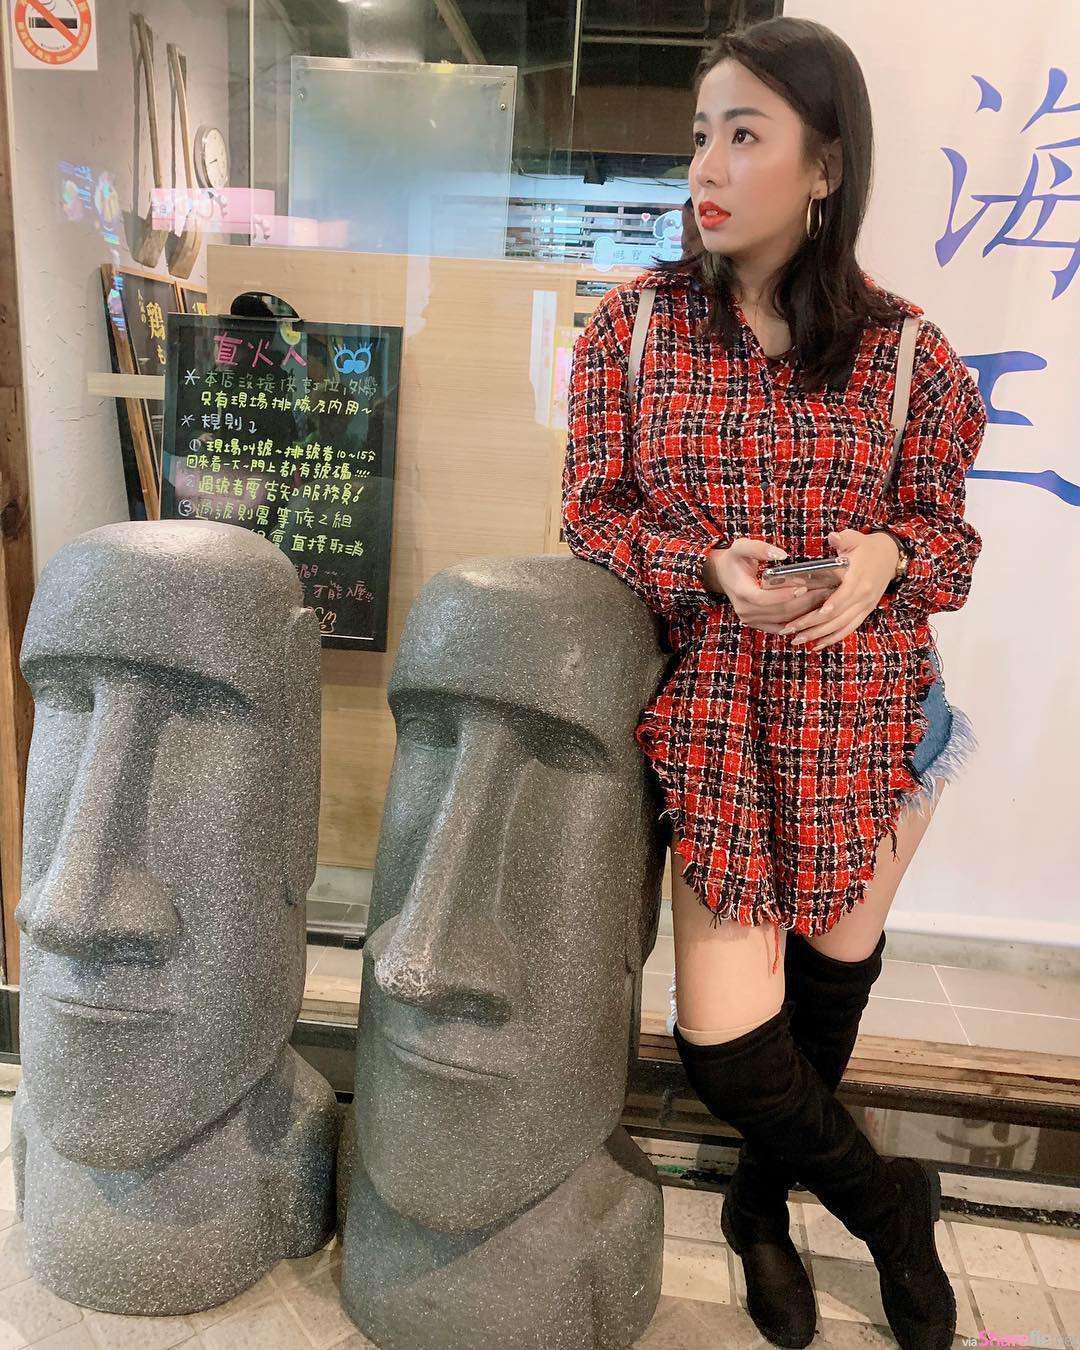 大马正妹Wendy Tan超凶身材,网友:要掉出来了